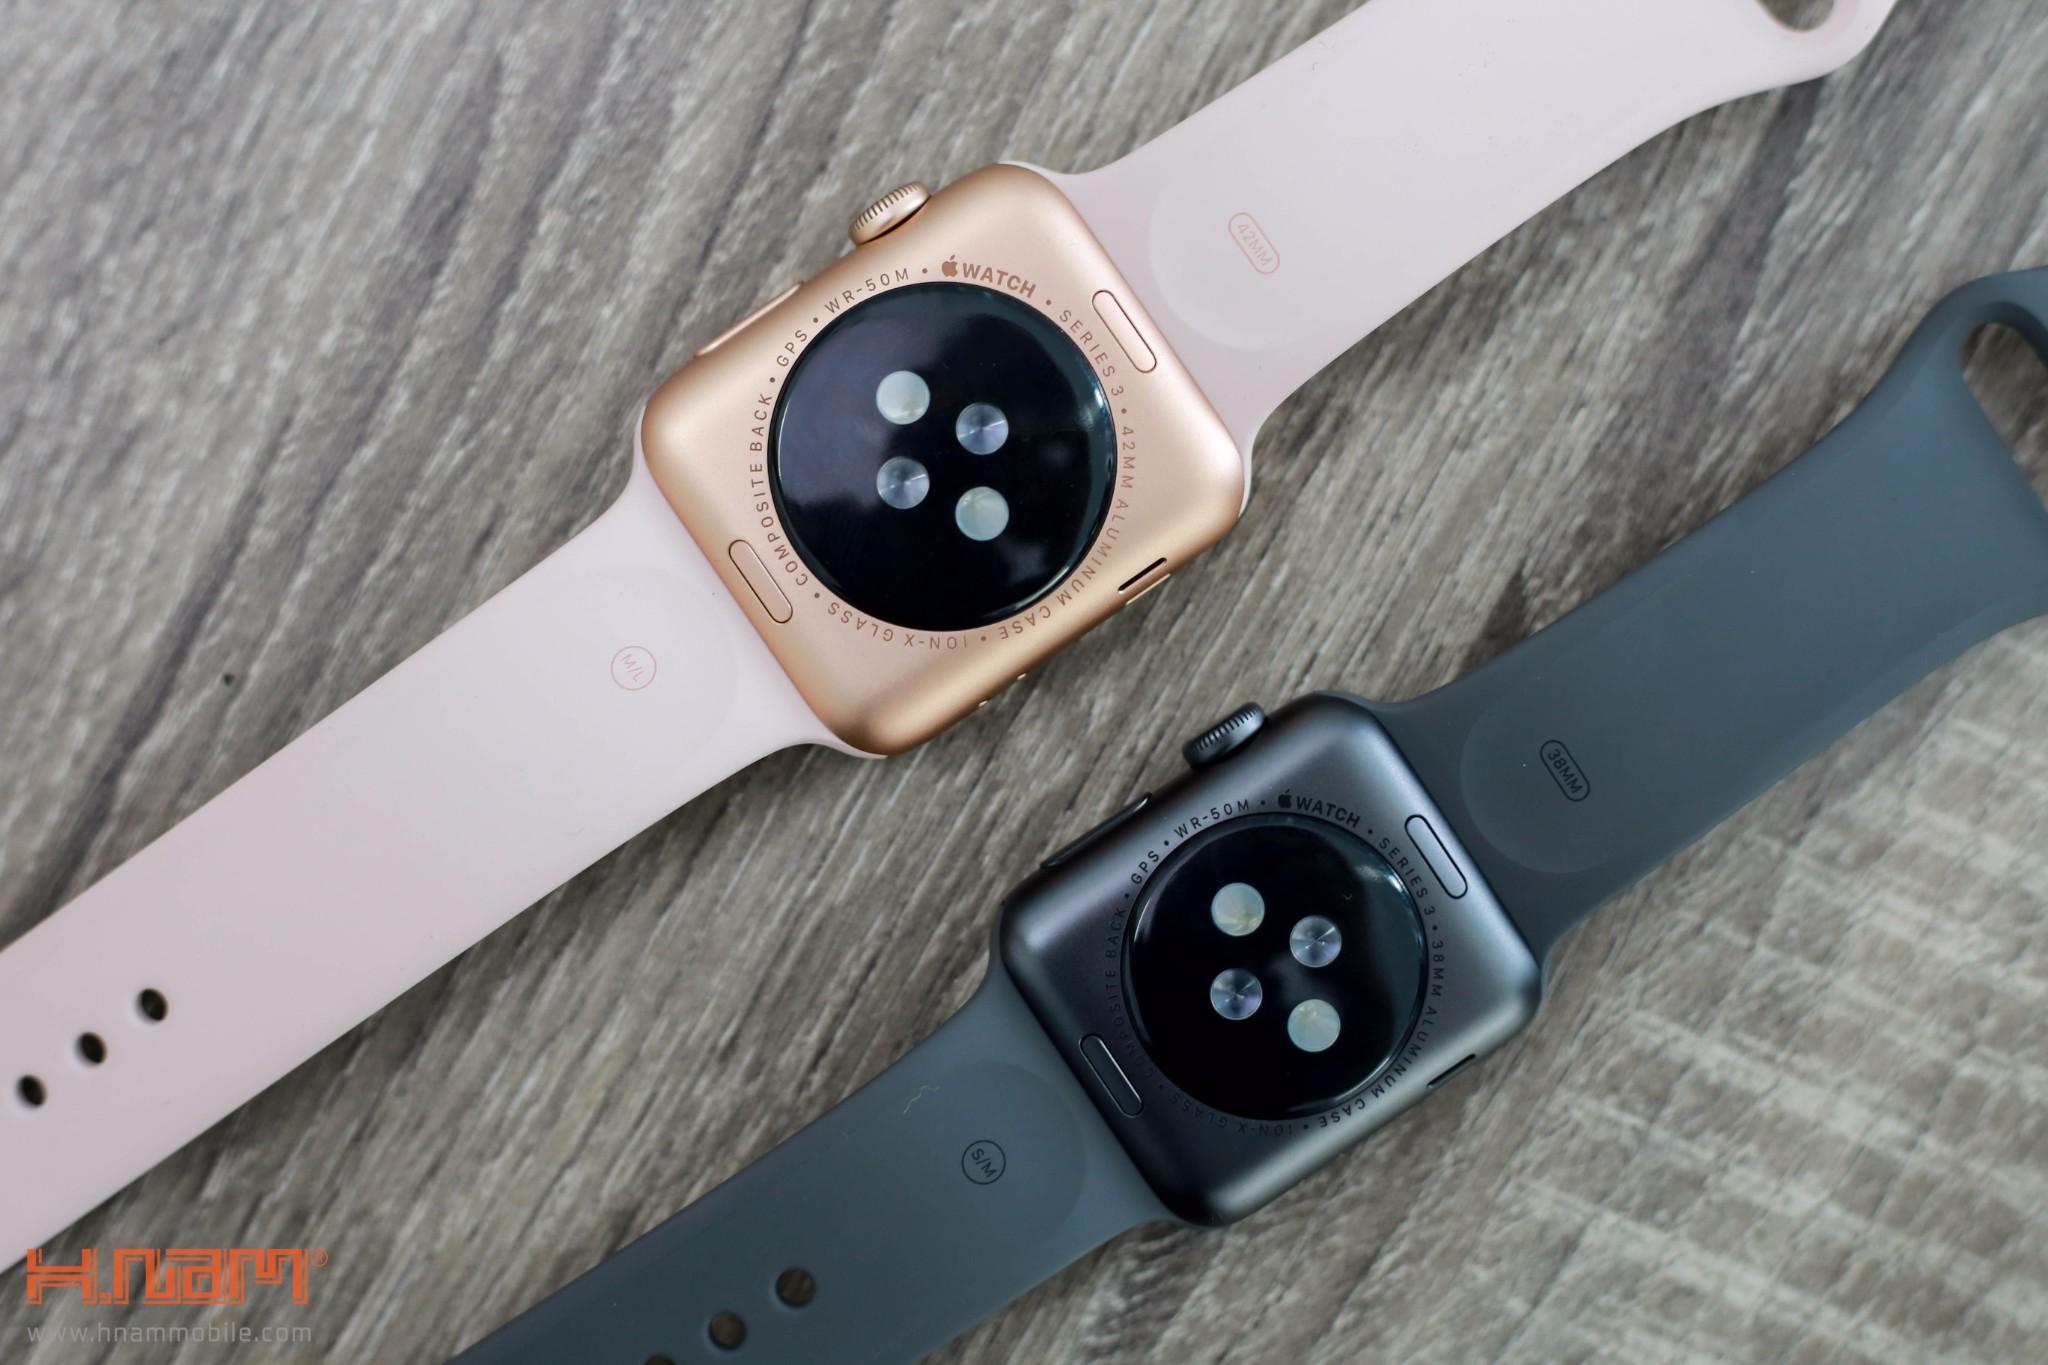 Đập 2 hộp Apple Watch Series 3: Vẫn rất đẹp và hiện đại, cấu hình mạnh hơn hình 8